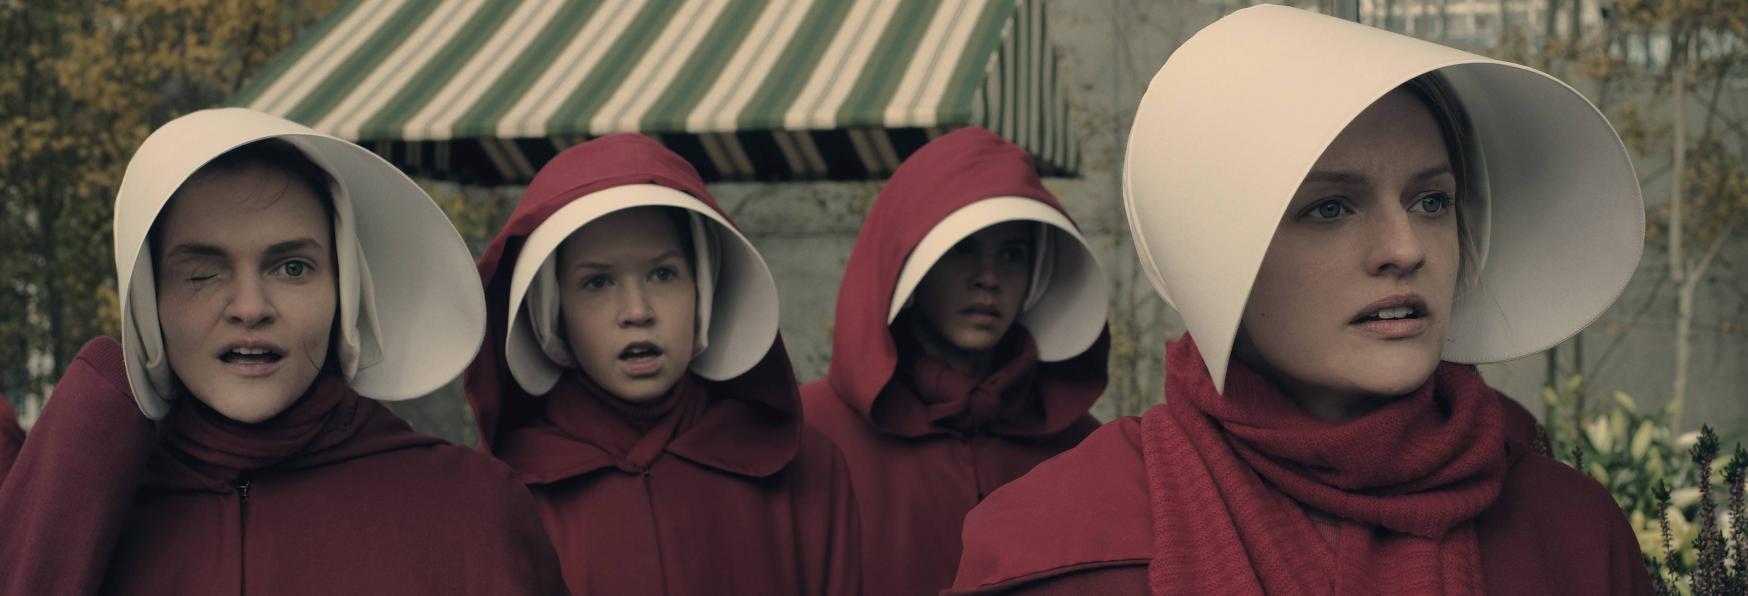 The Handmaid's Tale 4: Hulu Rilascia il Trailer Ufficiale della nuova Stagione